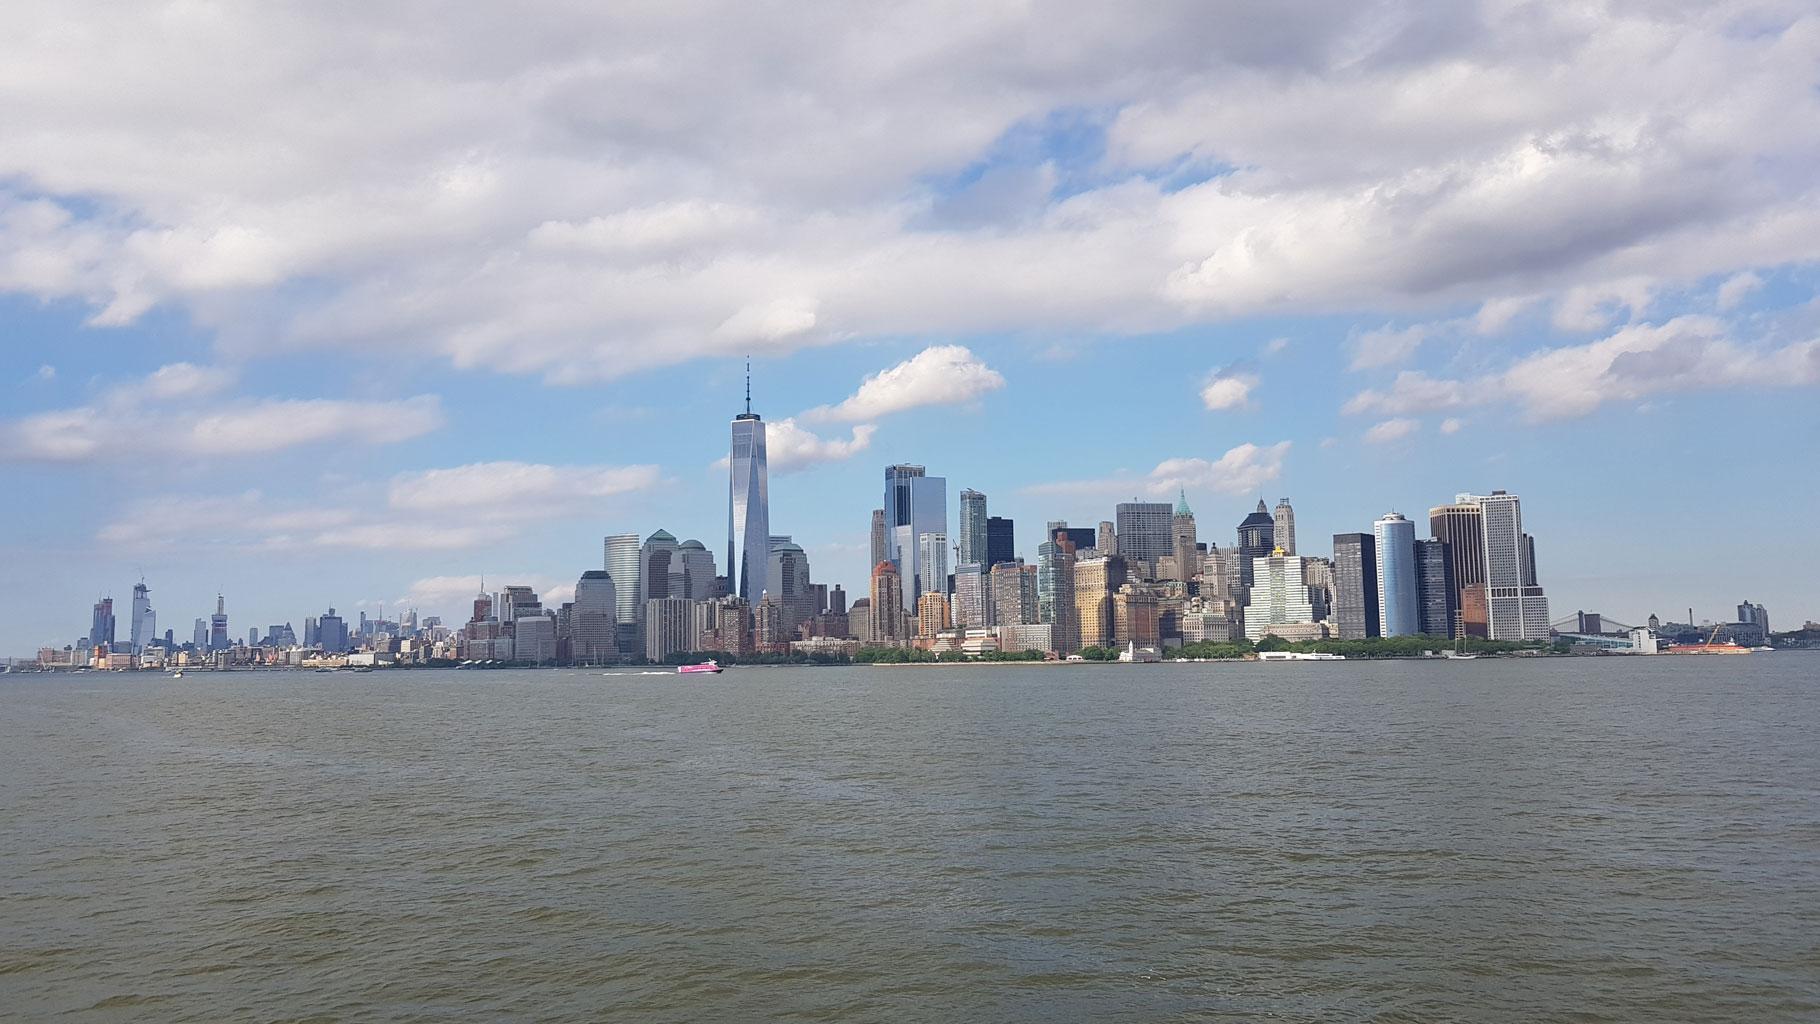 Νέα Υόρκη σεξ σημείο ψυχοsim 5 χρονολόγηση και κλειδί απάντησης ζευγαρώματος